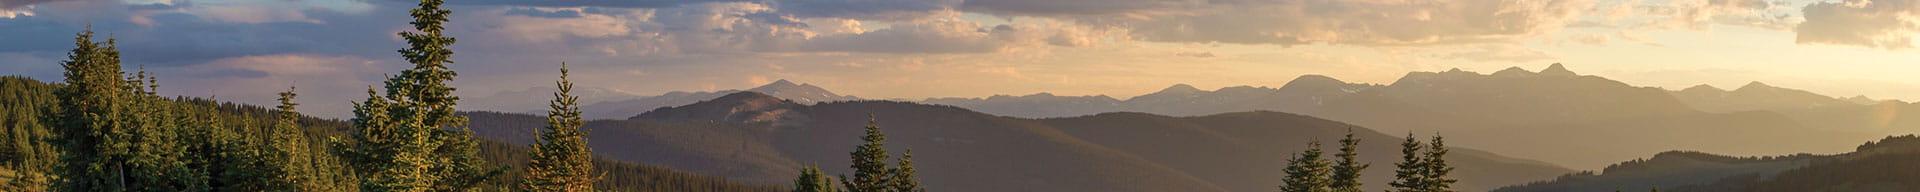 Colorado-mountains-at-dusk hero